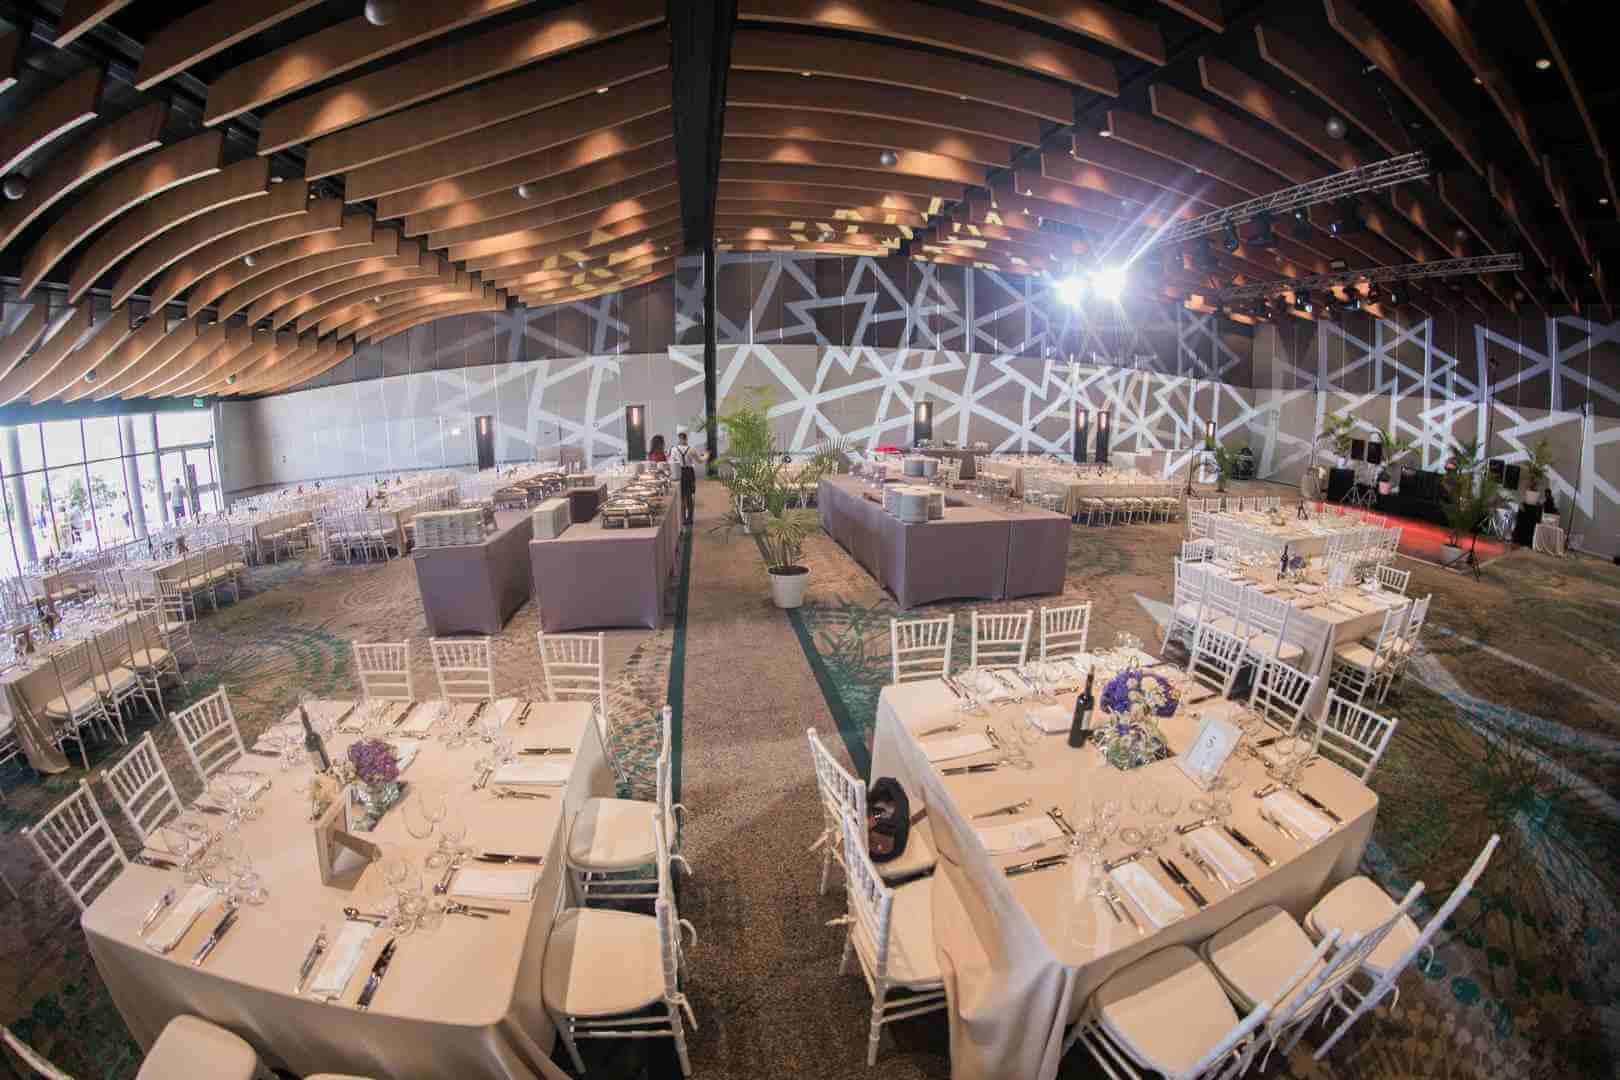 חתונת צהרים בבית מלון, הפקת חתונה בבית מלון עם חלל פנימי